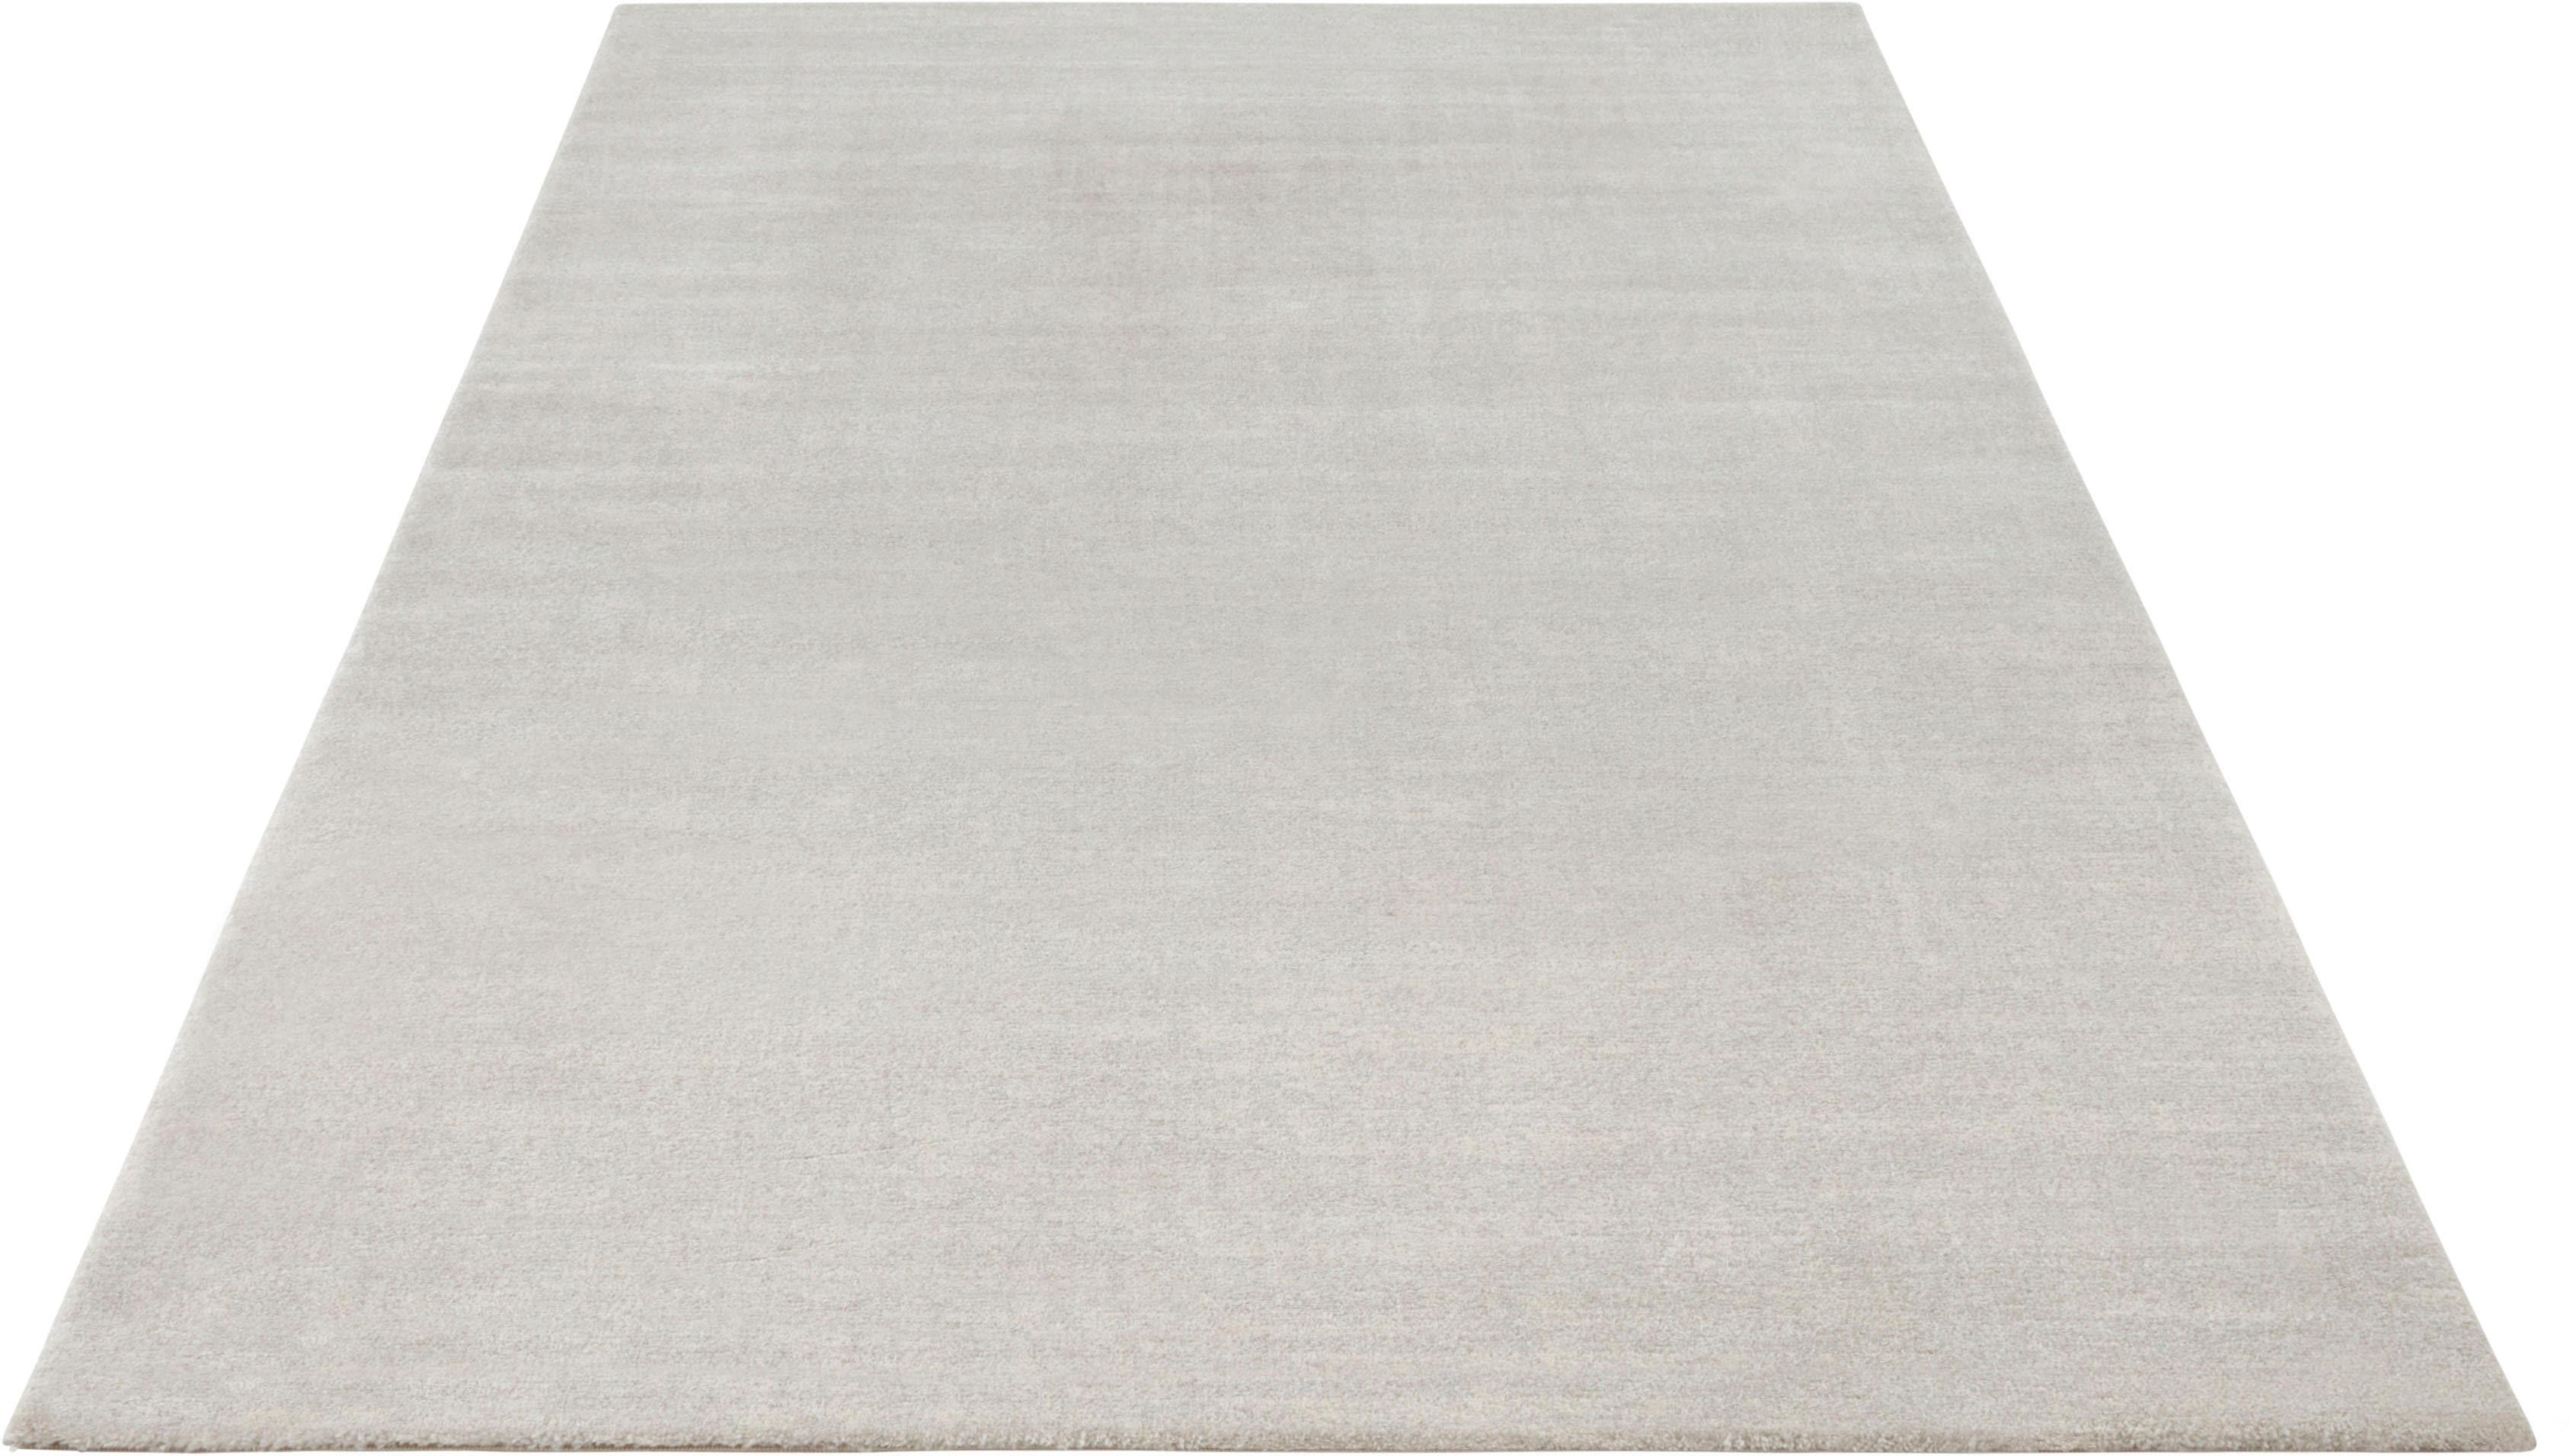 Teppich Vanves ELLE Decor rechteckig Höhe 12 mm maschinell gewebt